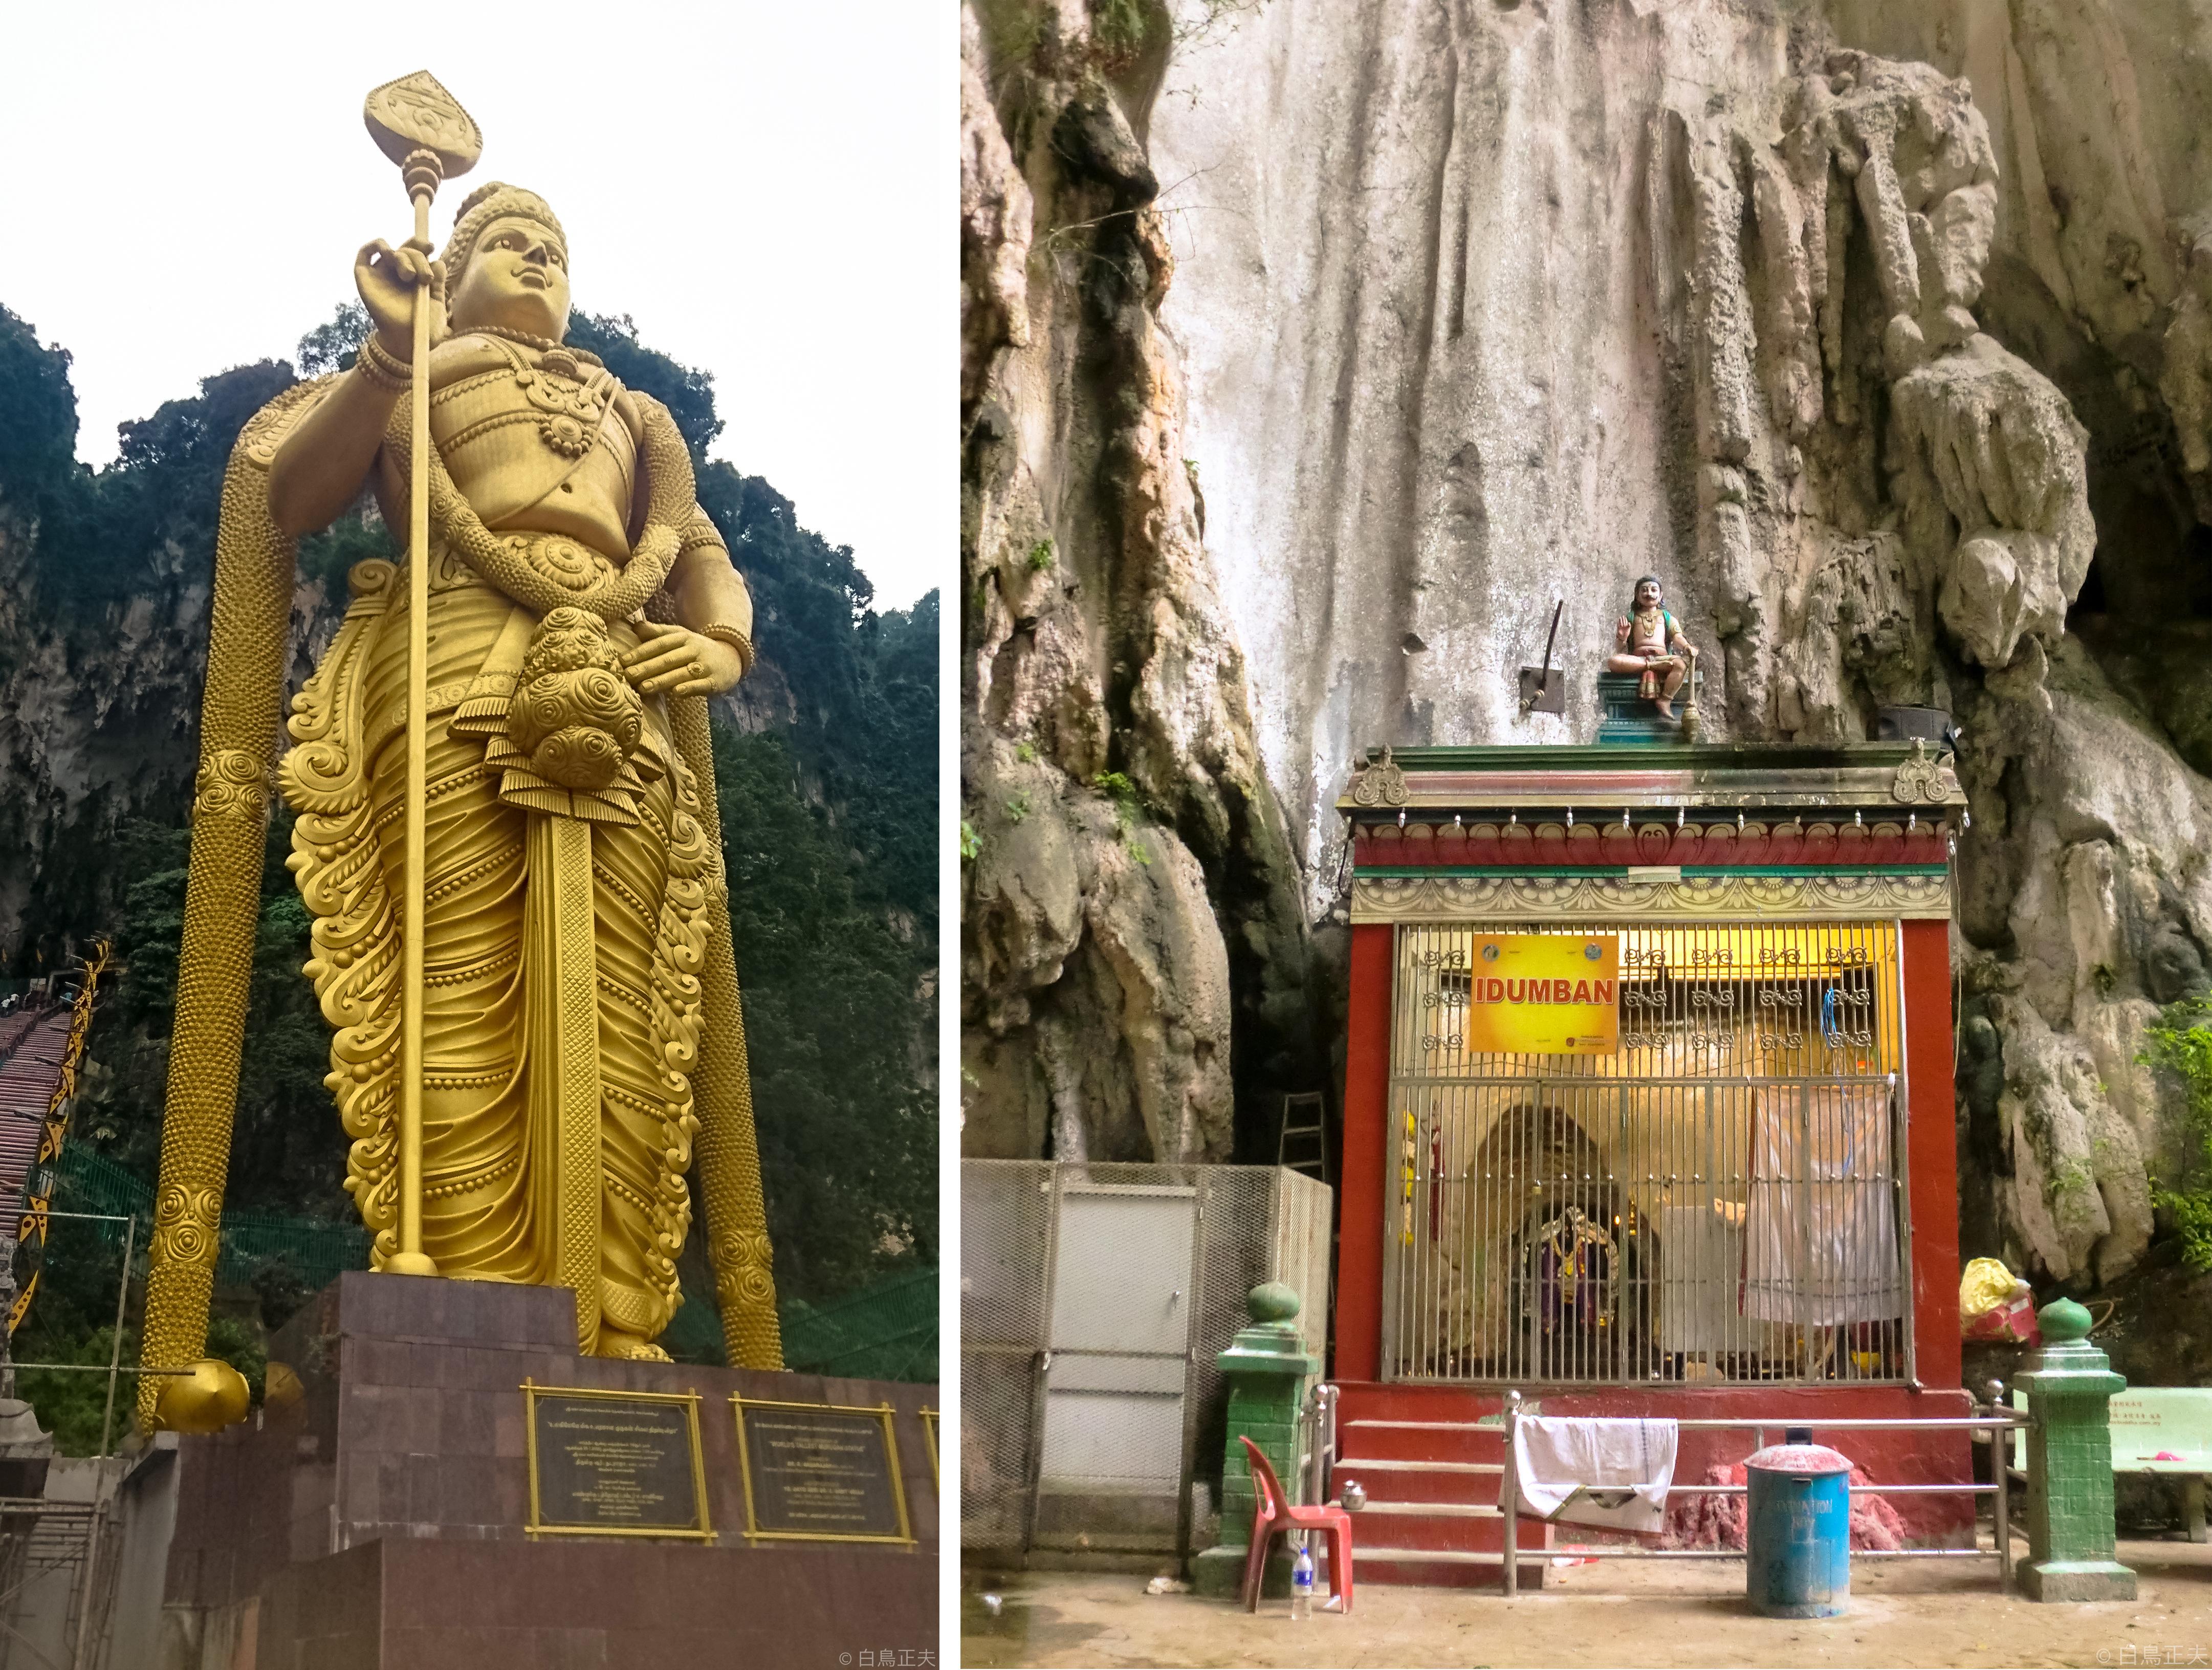 左)高さ43メートルで世界最大のムルガン像 右)大きな空間になっているバツー洞窟